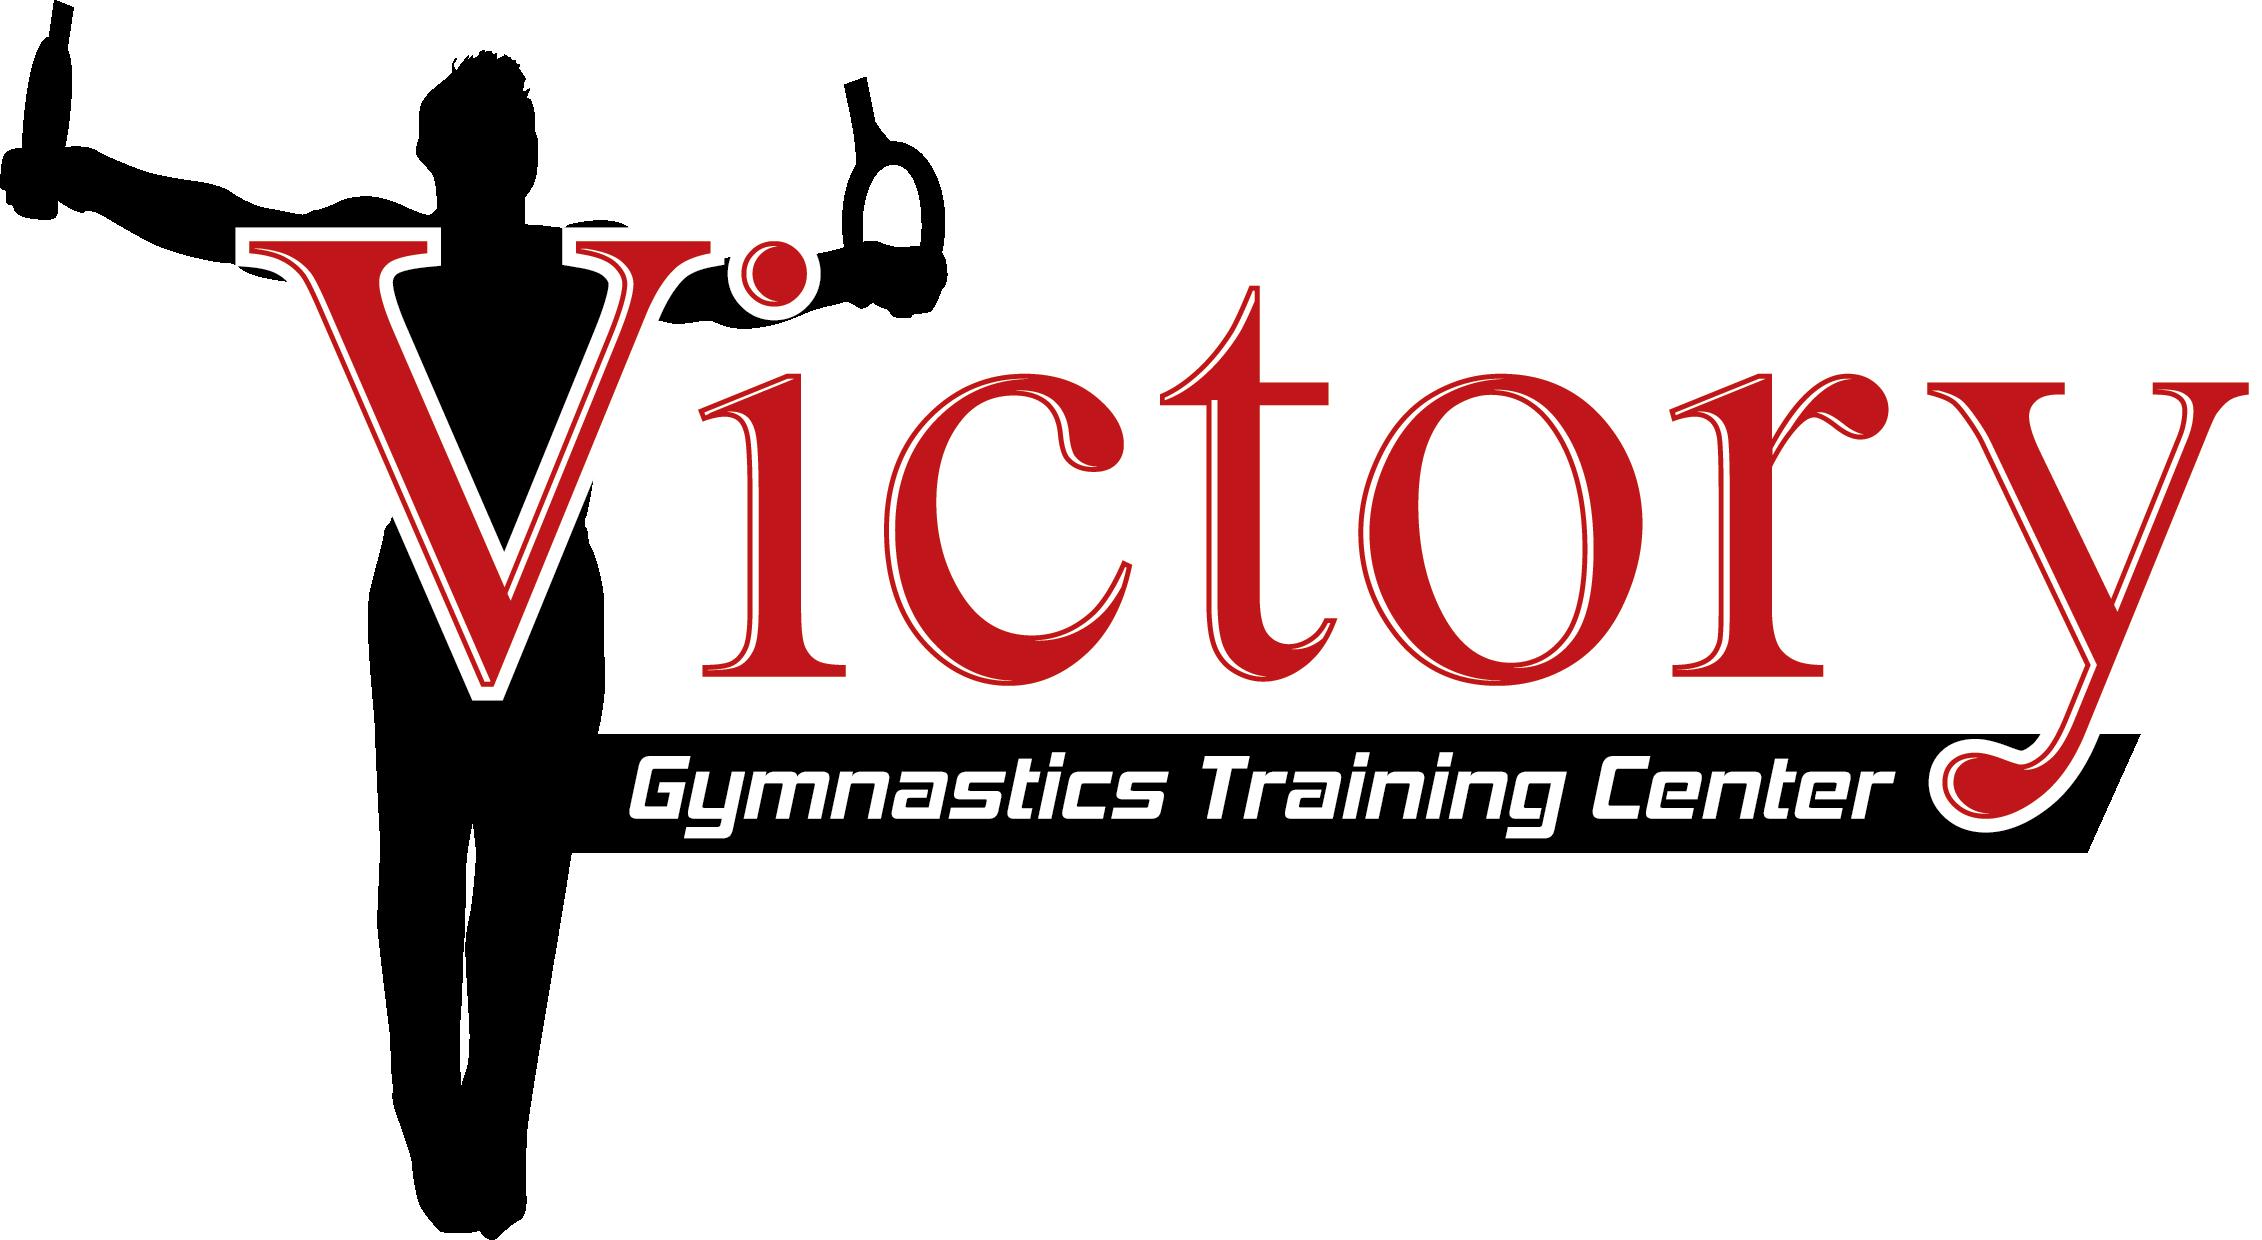 Victory gymnastics training center. Gym clipart gym boy